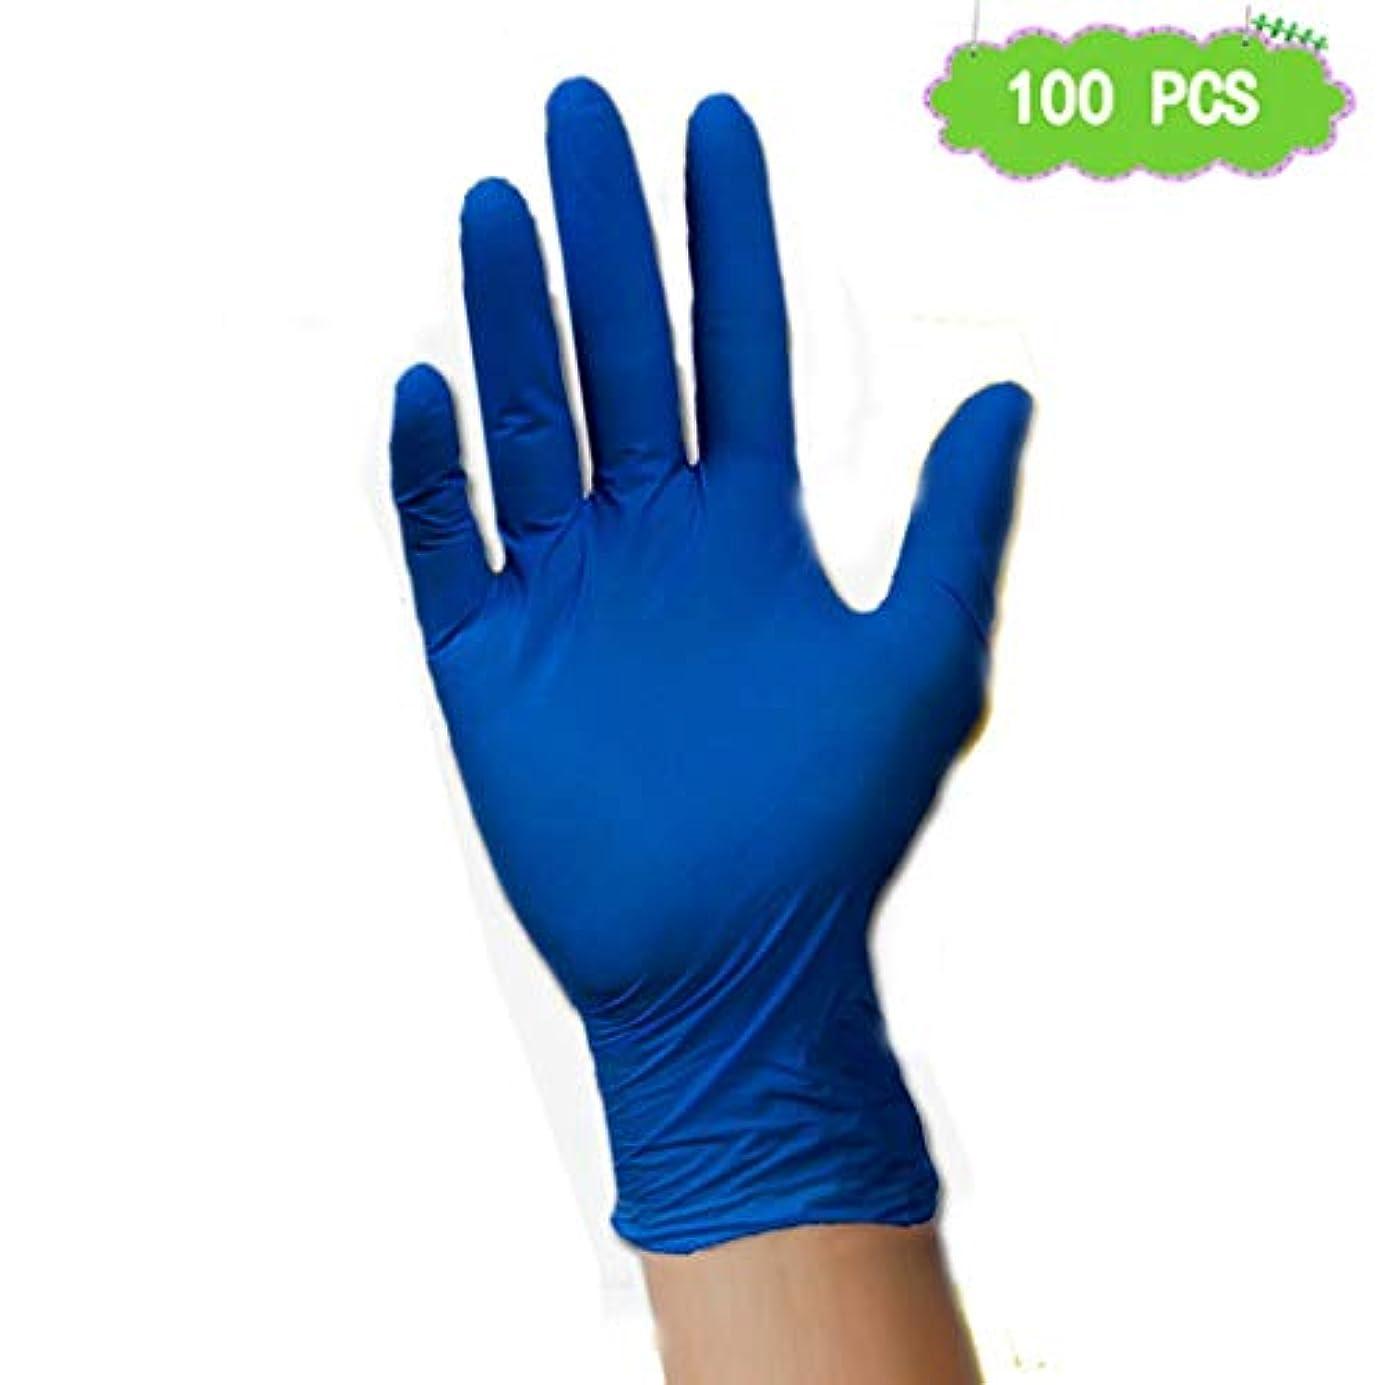 忘れっぽい花嫁敵対的ニトリル手袋、滑り止め使い捨て手袋厚くされた耐油性キッチン浴室の労働保険厚くなる美容院ラテックスフリー、ダークブルーパウダーフリー、100個 (Size : L)